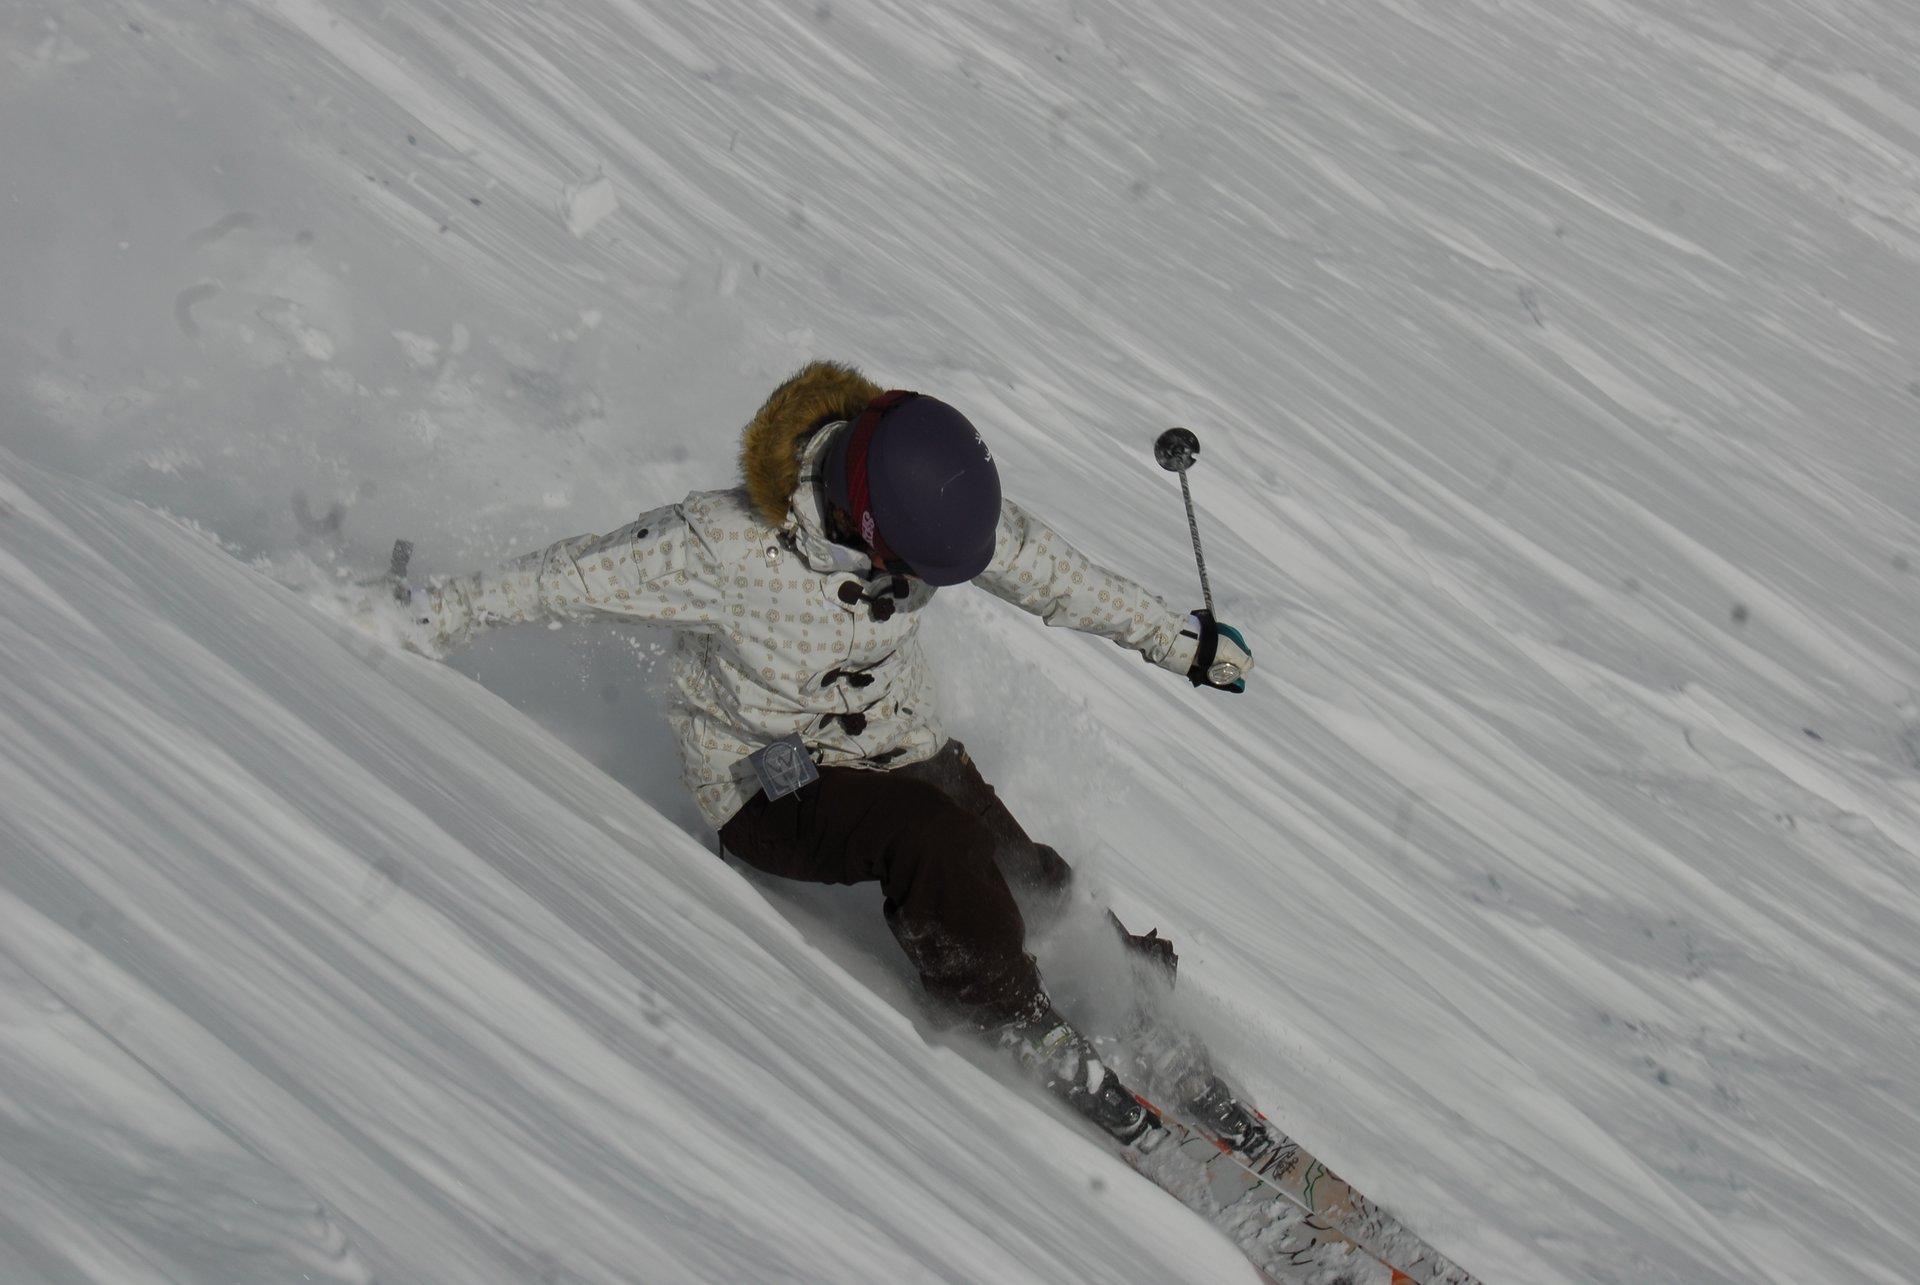 I had fun at Mt. Hood